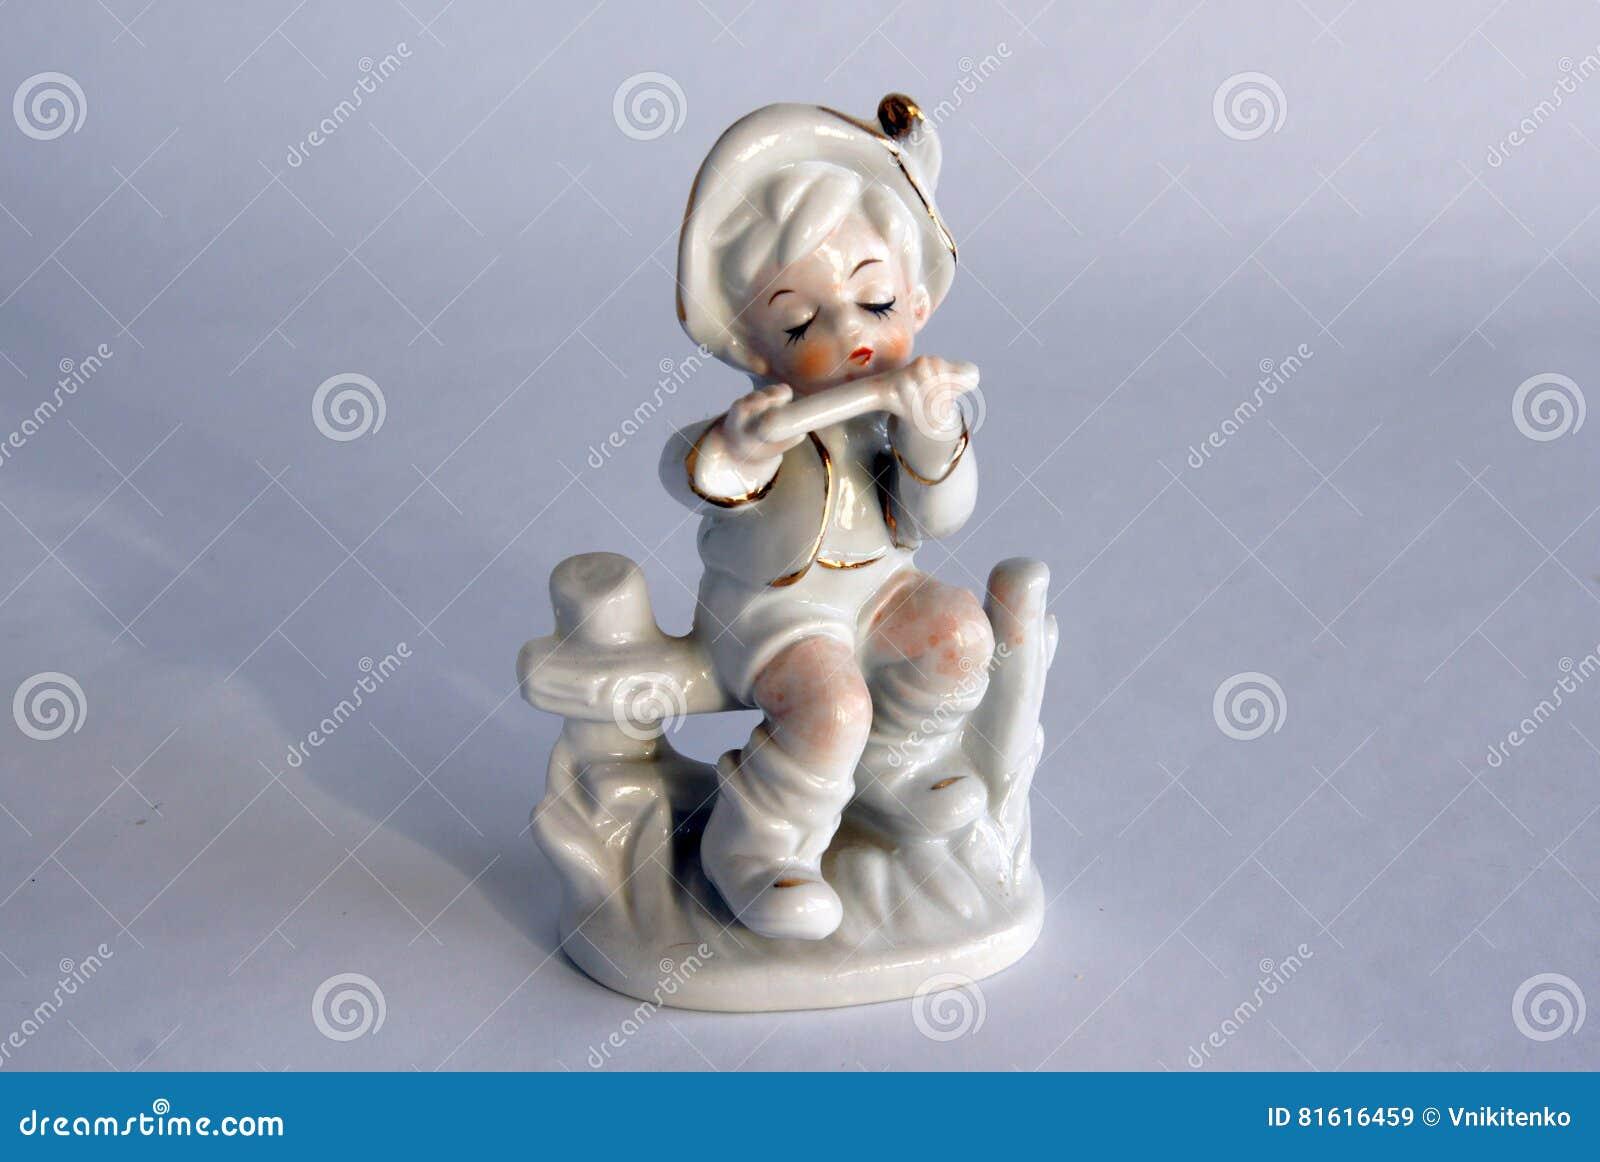 Estatueta da porcelana de um menino